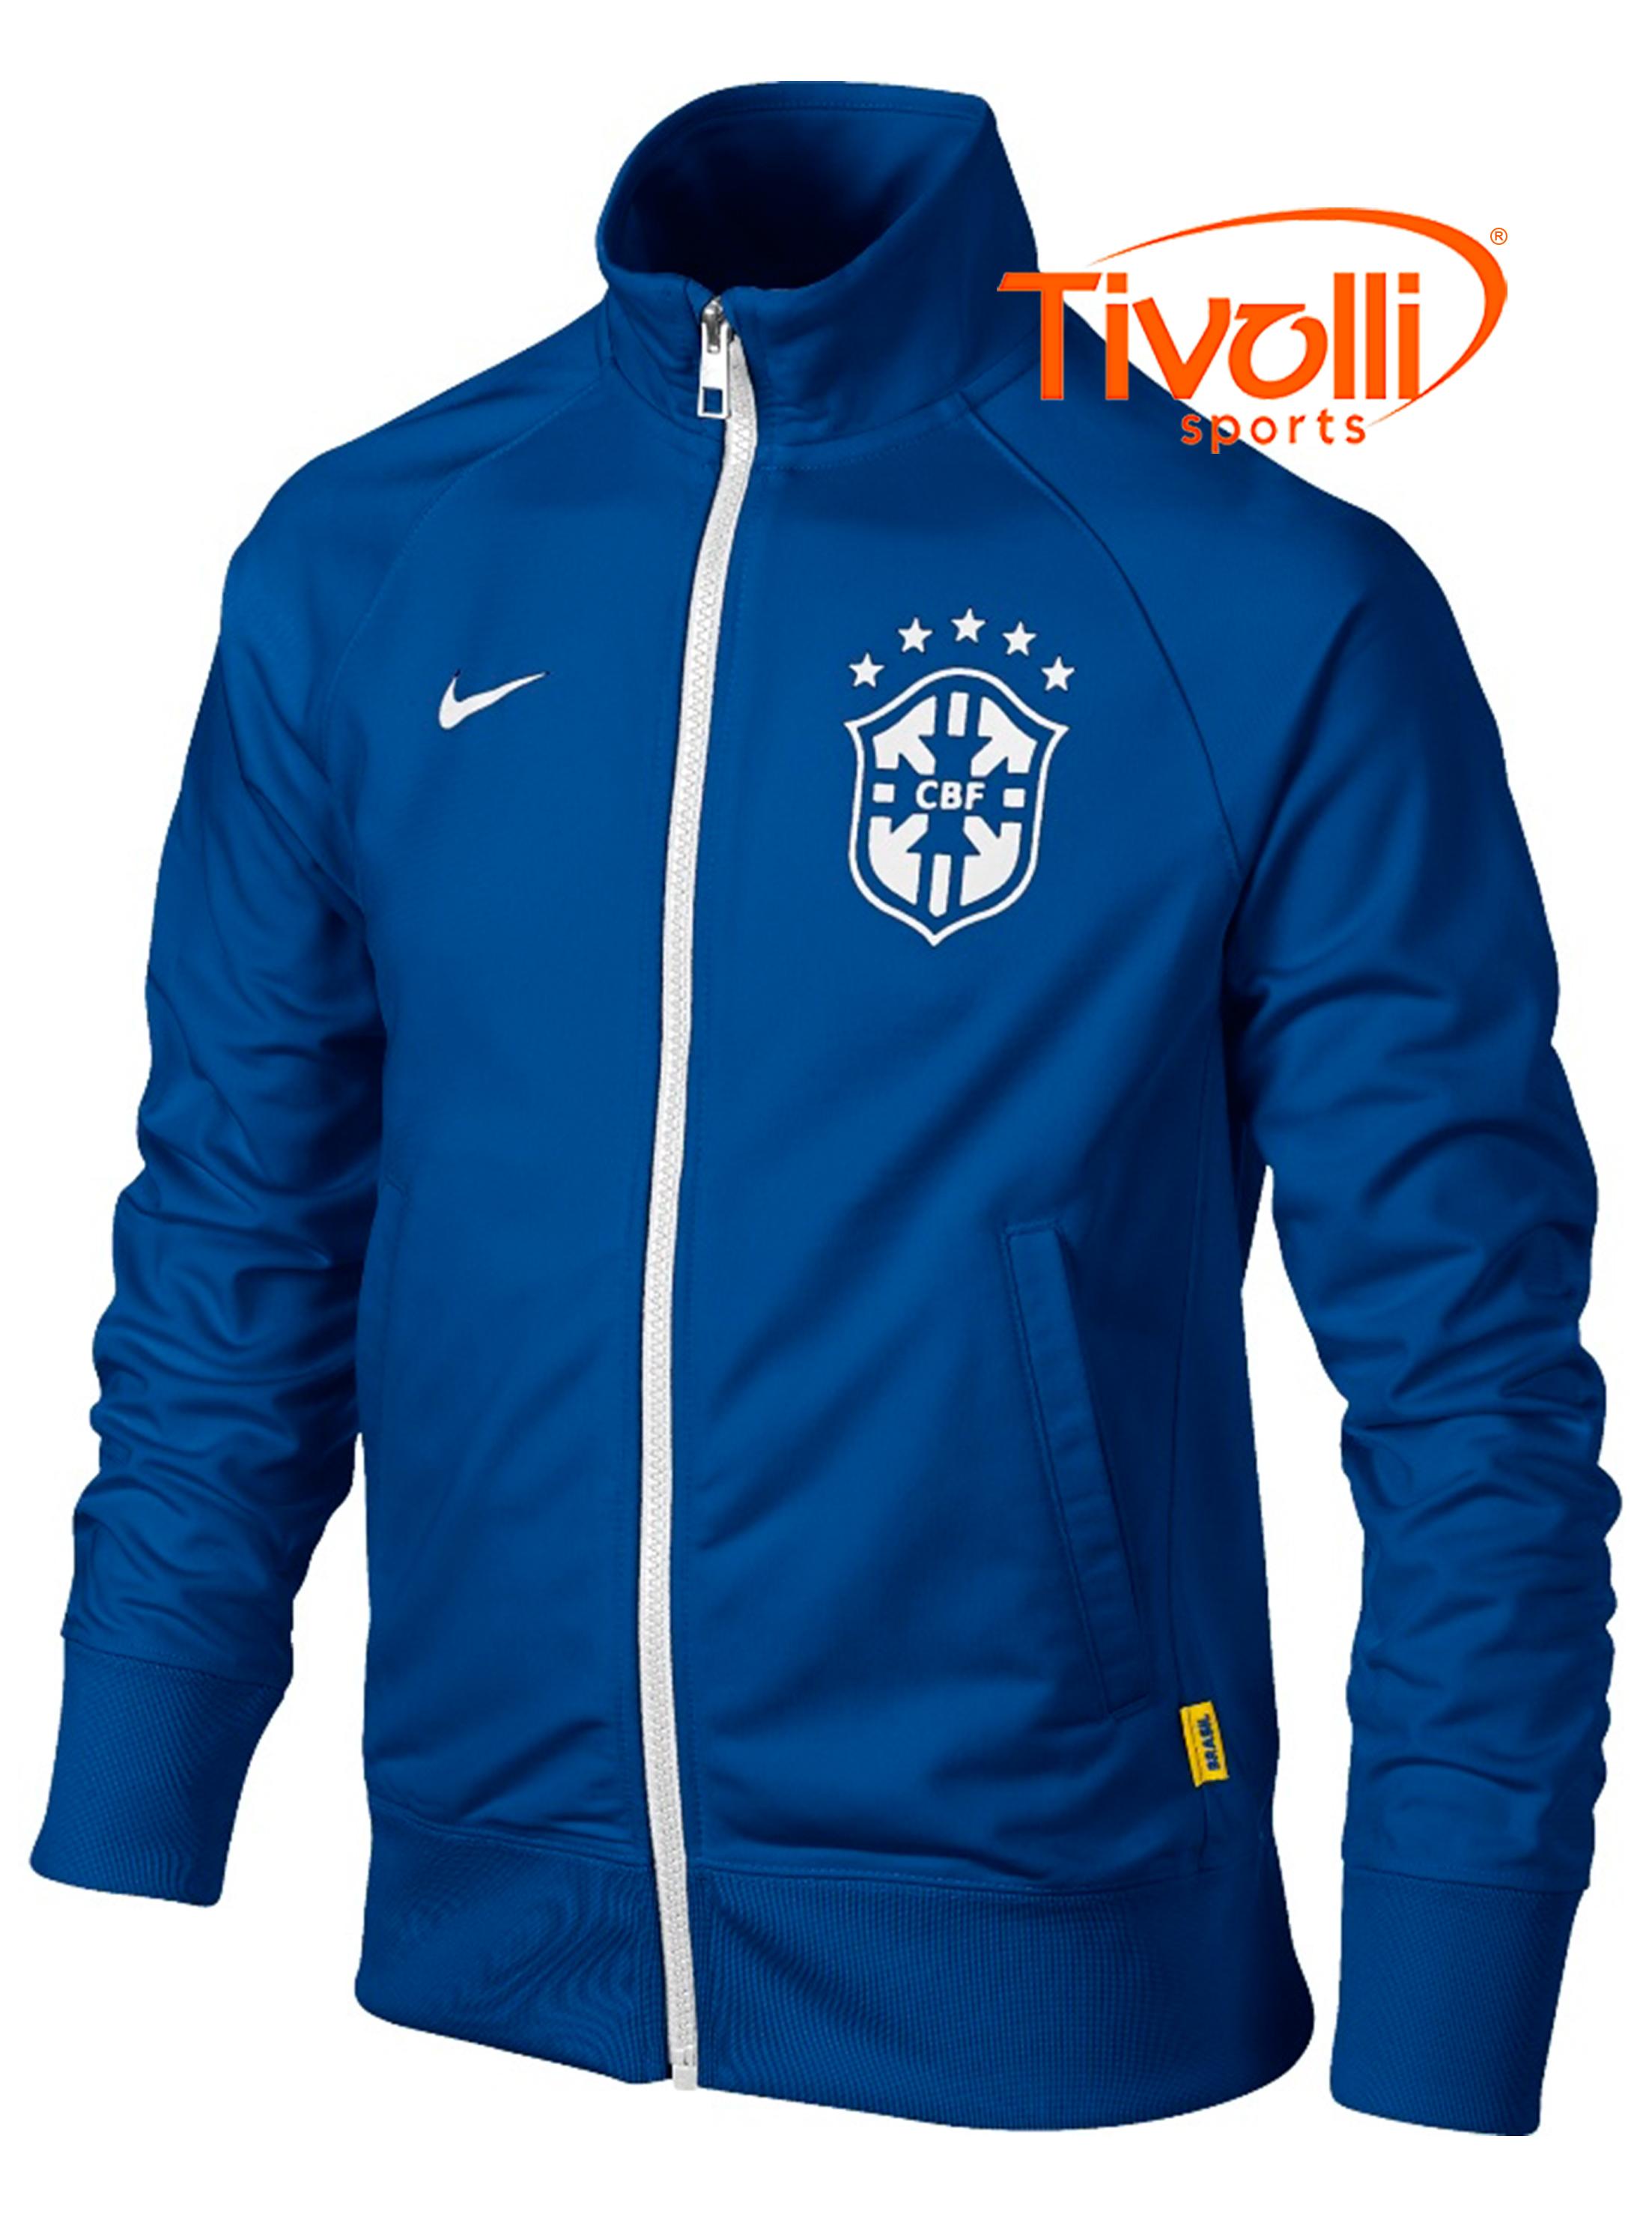 326eb771b97c8 Jaqueta Nike CBF Core Trainer Seleção Brasileira   - Mega Saldão